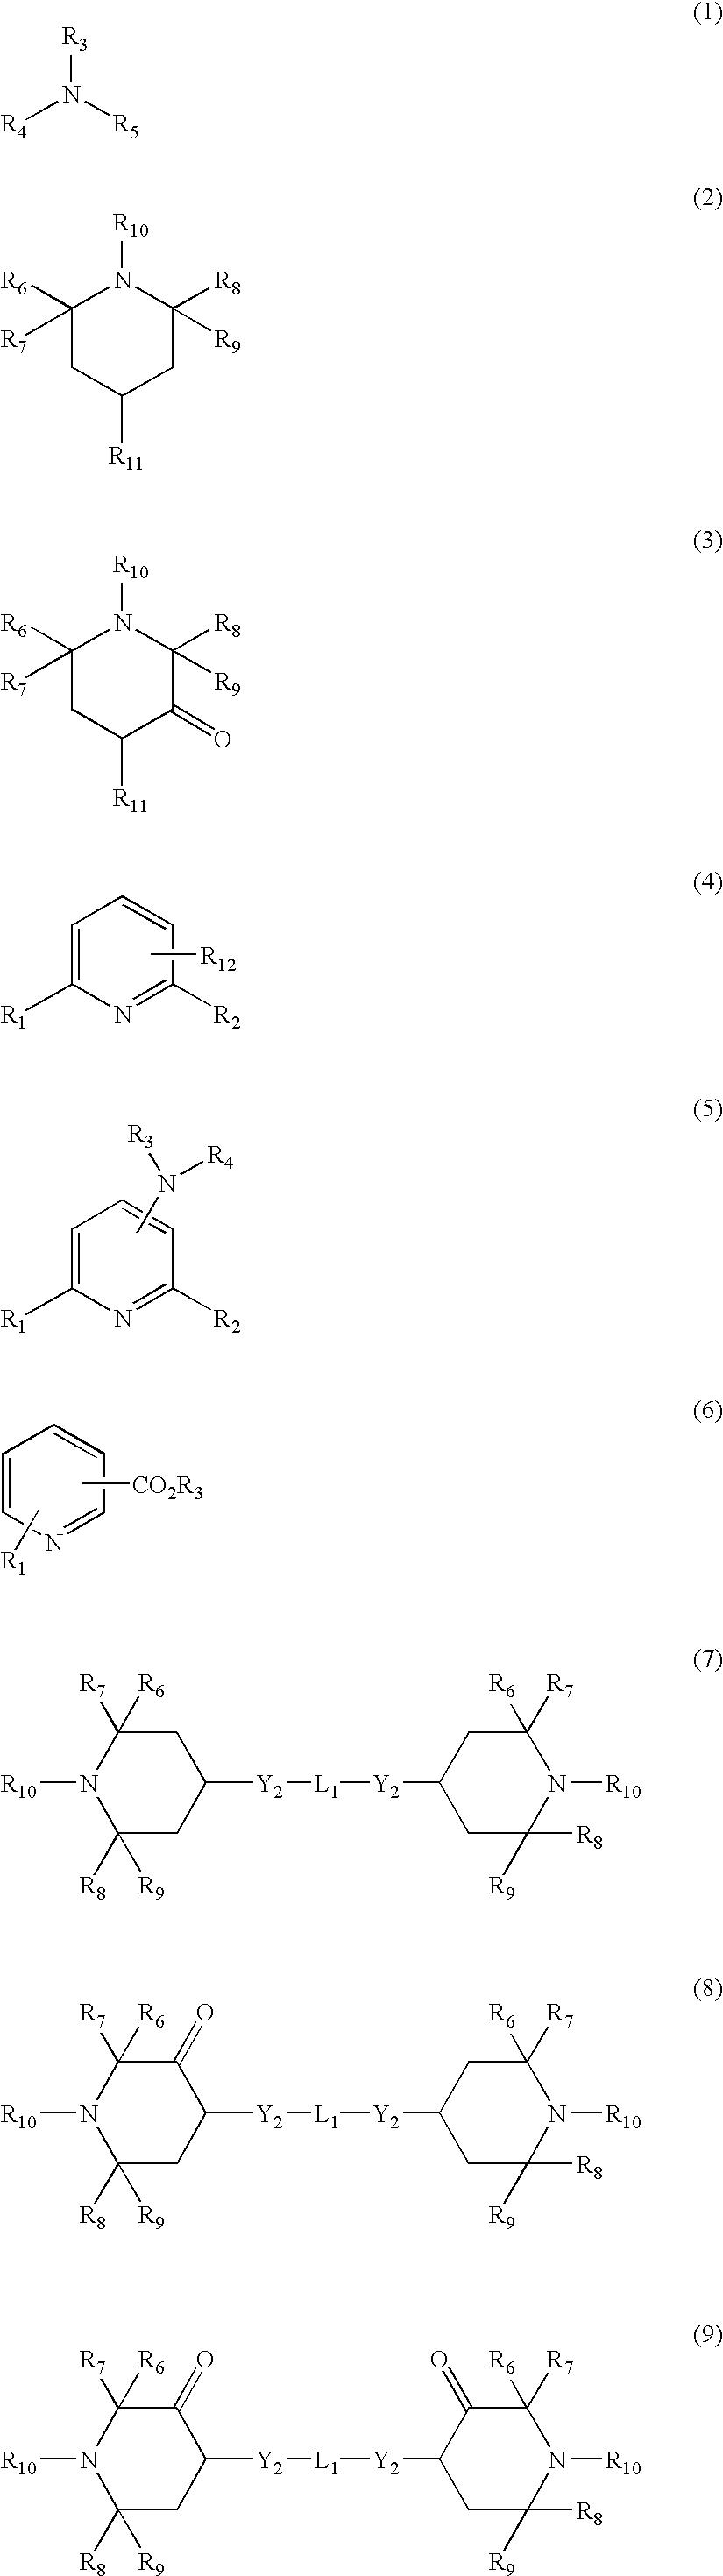 Figure US20070015883A1-20070118-C00003